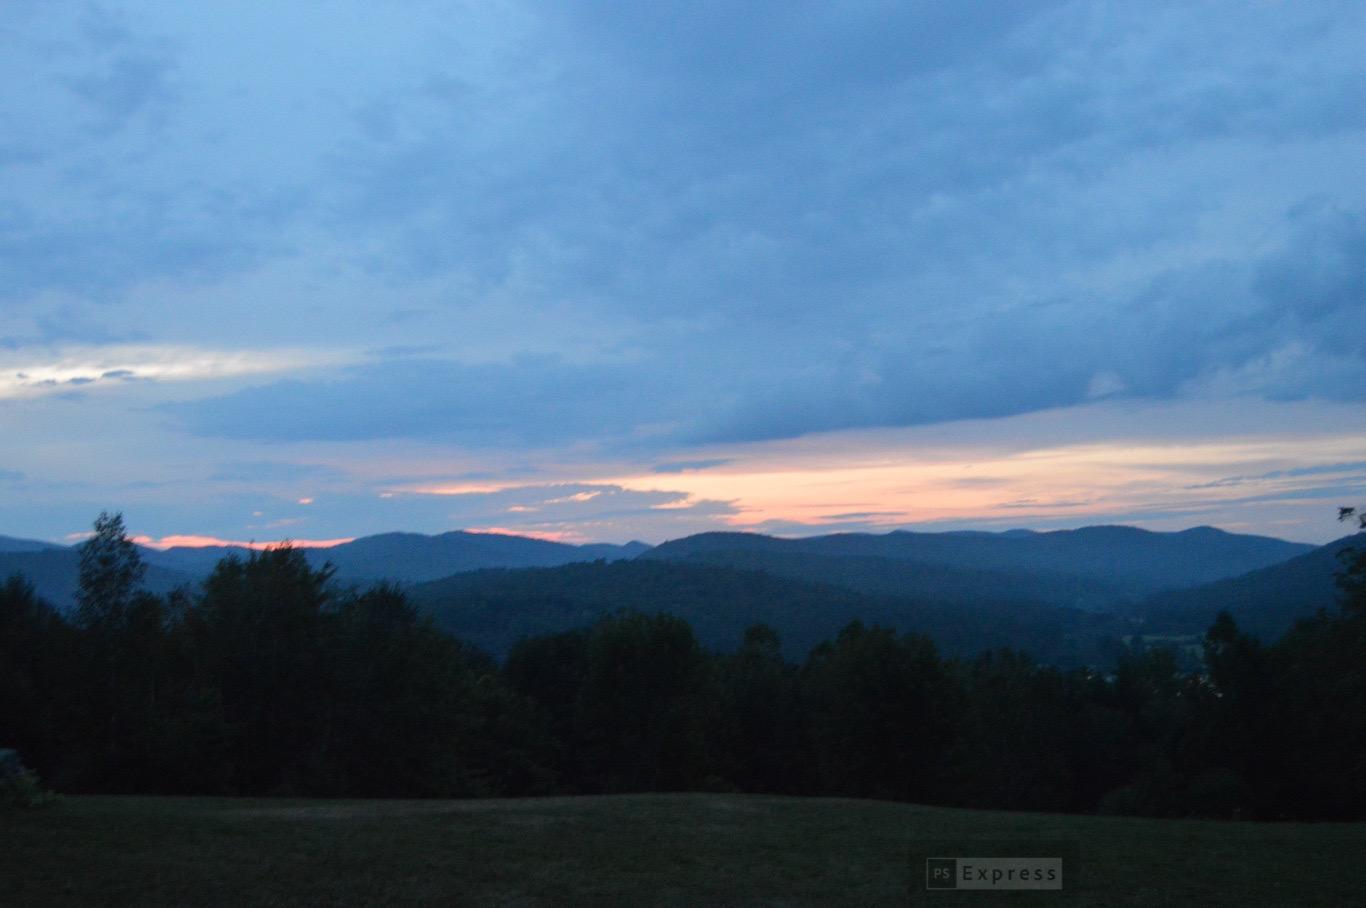 Dusk settling over the mountains.